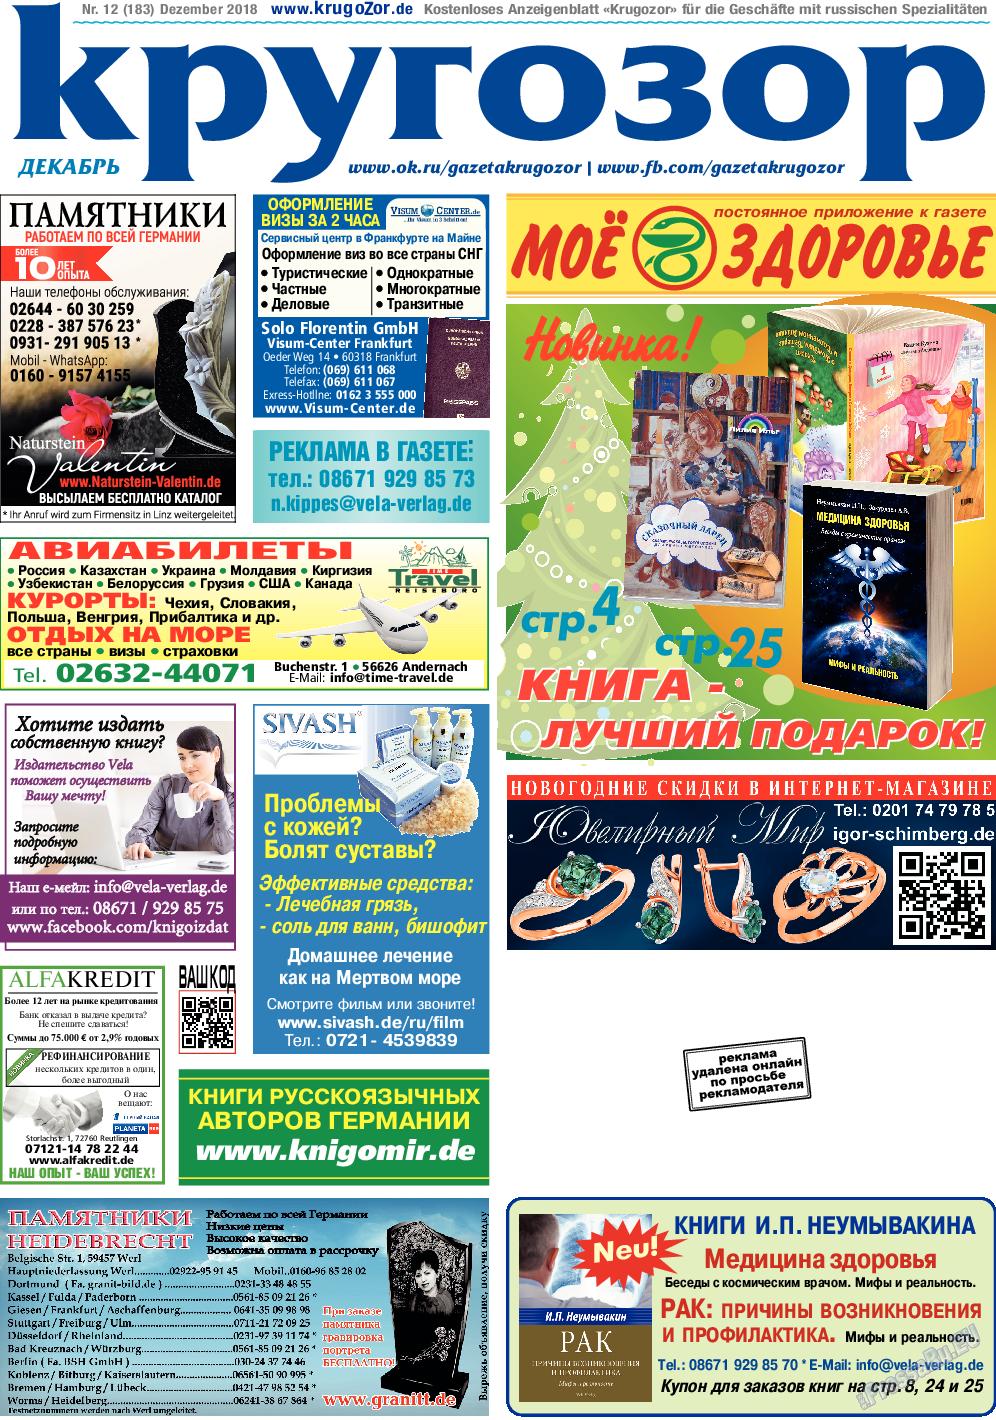 Кругозор (газета). 2018 год, номер 12, стр. 1